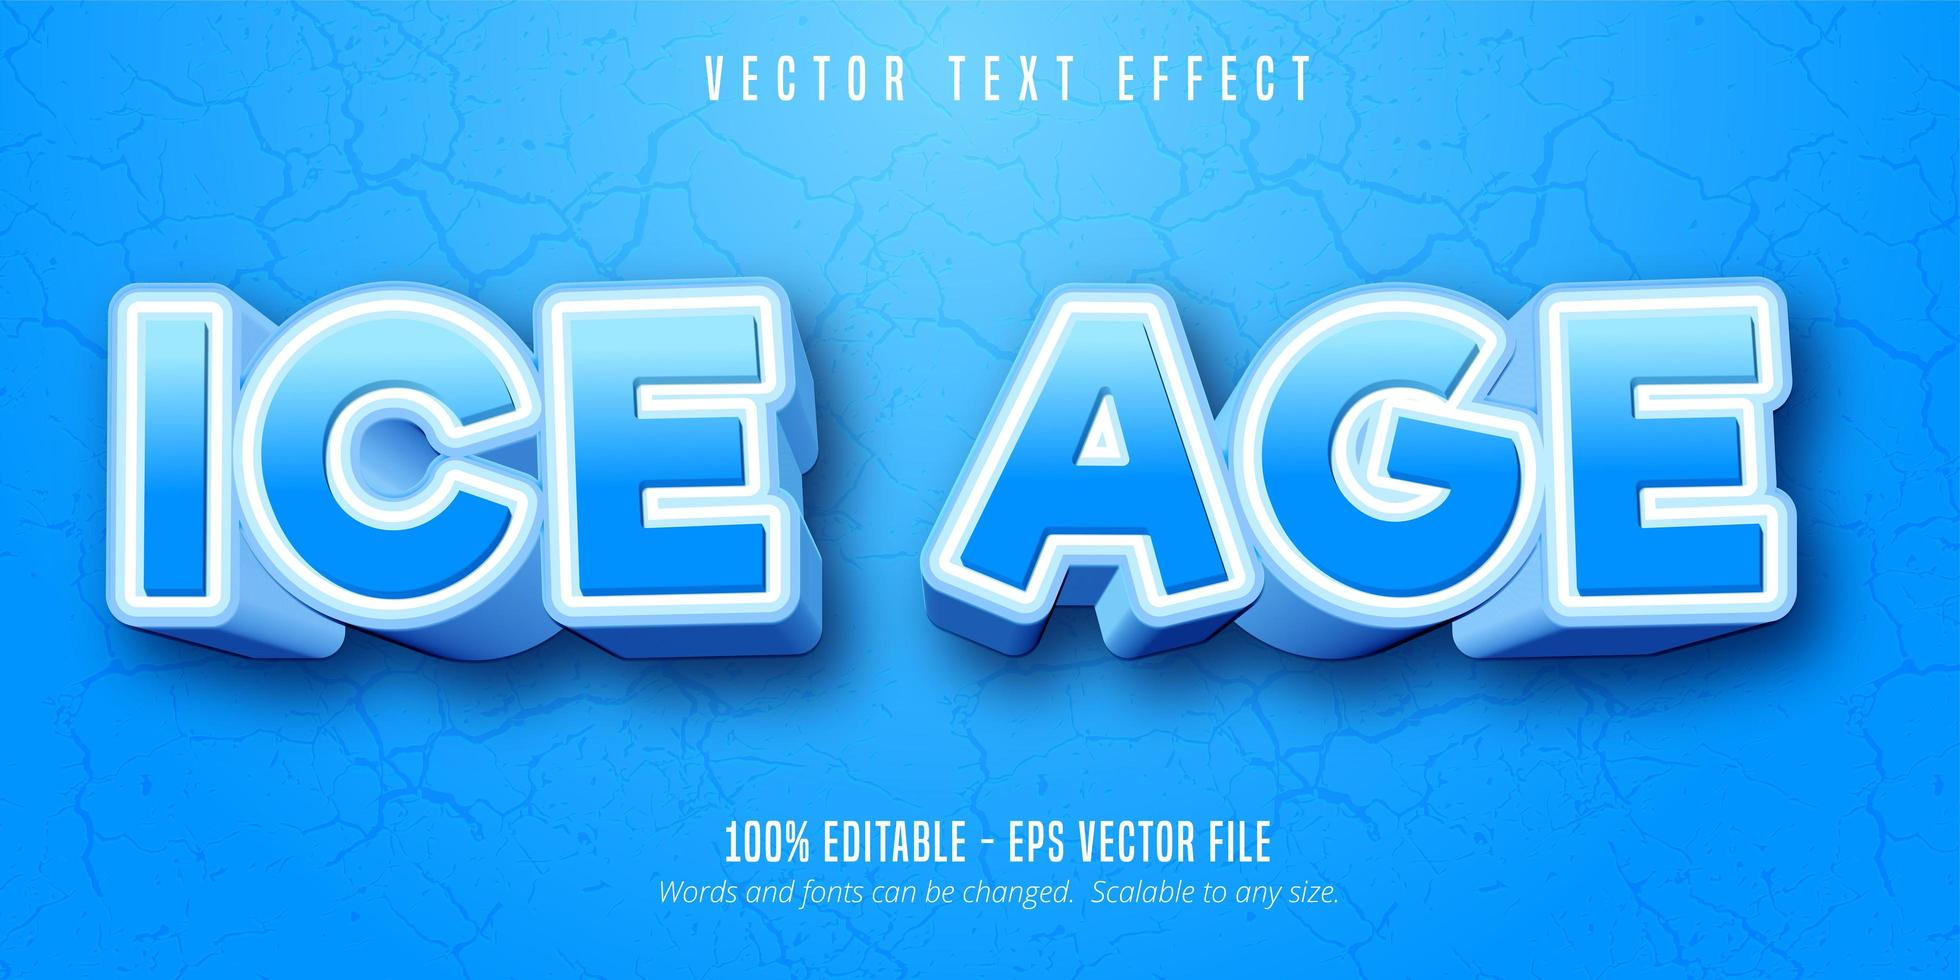 effet de texte de style cartoon bleu et blanc de l'ère glaciaire vecteur